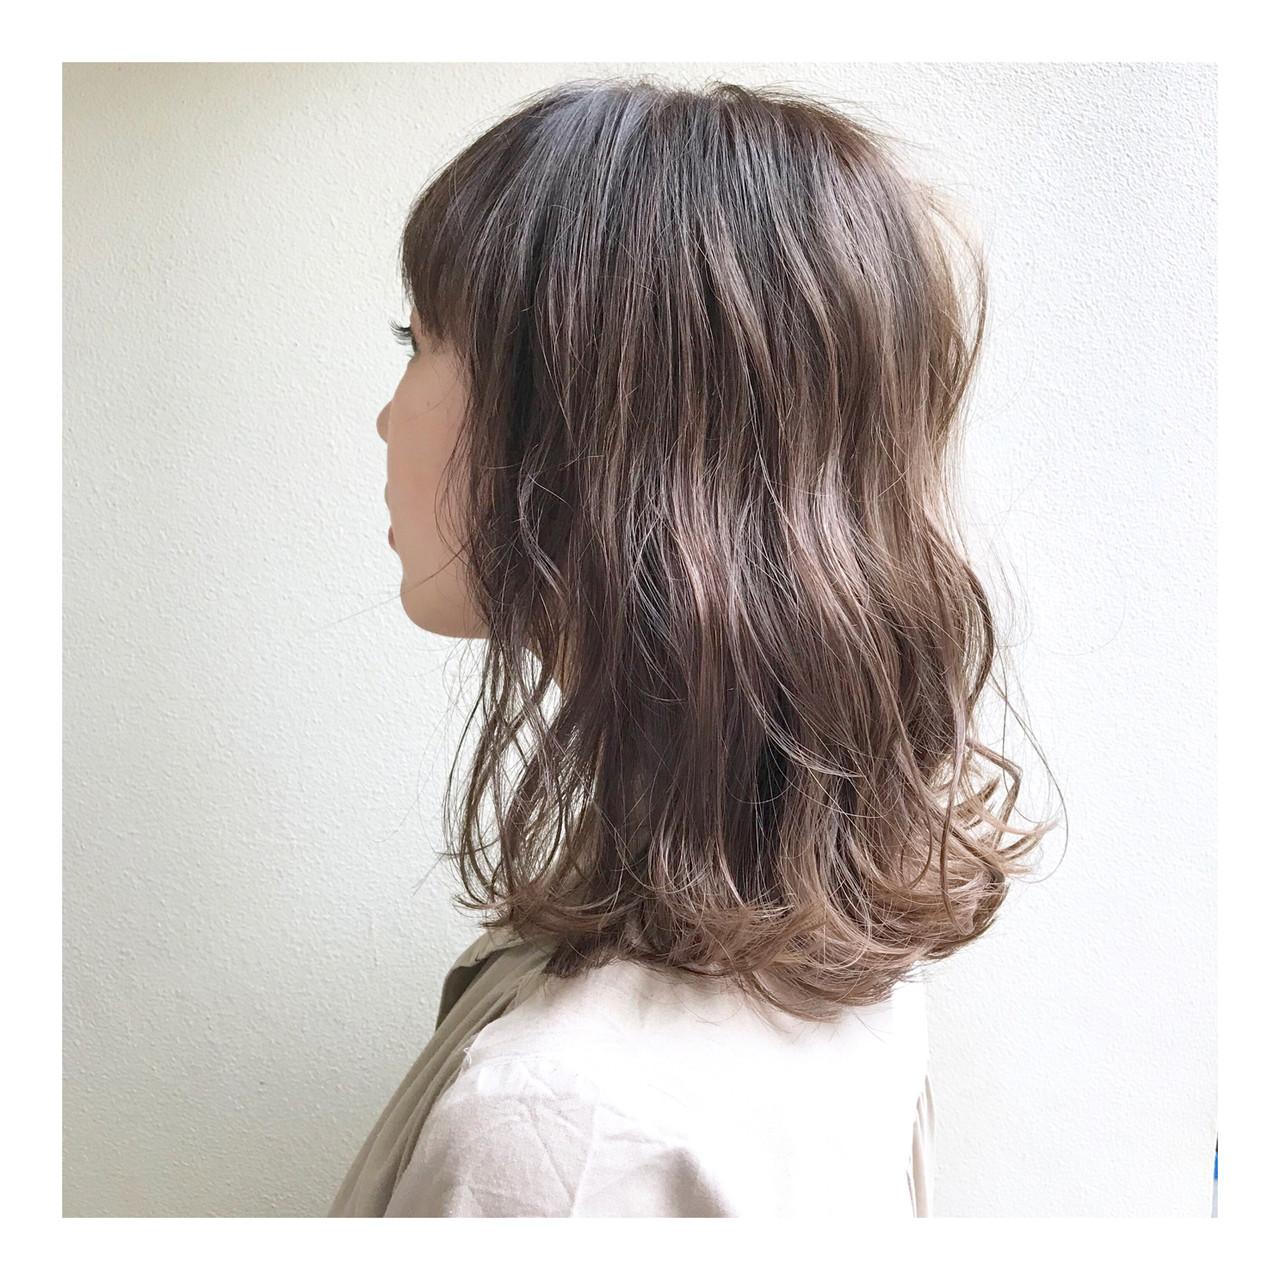 ベージュ ミディアム アンニュイほつれヘア ヌーディーベージュ ヘアスタイルや髪型の写真・画像 | emi yuhei / hair  salon momo